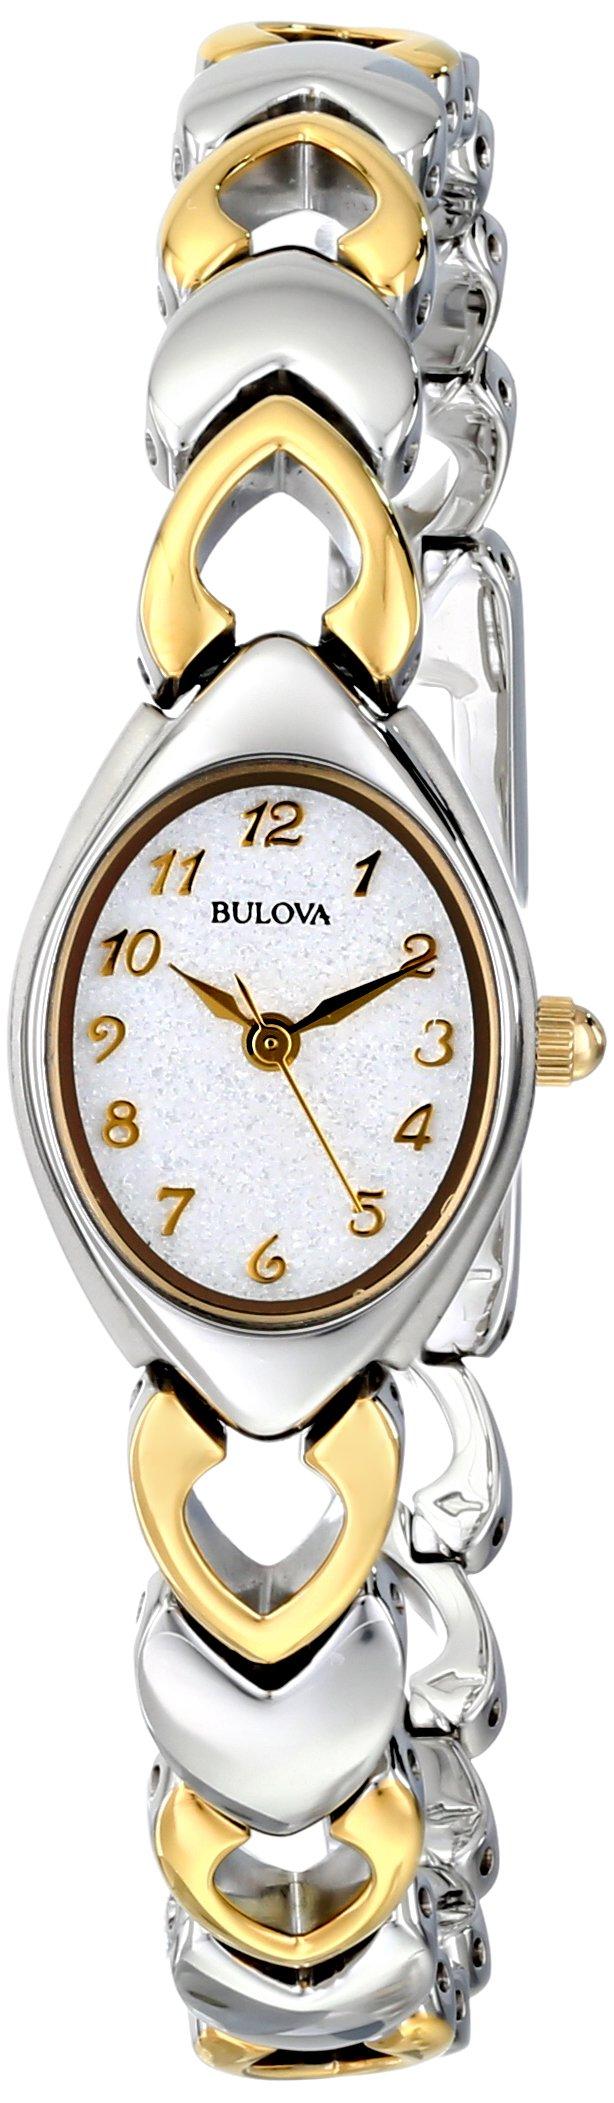 Bulova Women's 98V02 White Patterned Bracelet Watch by Bulova